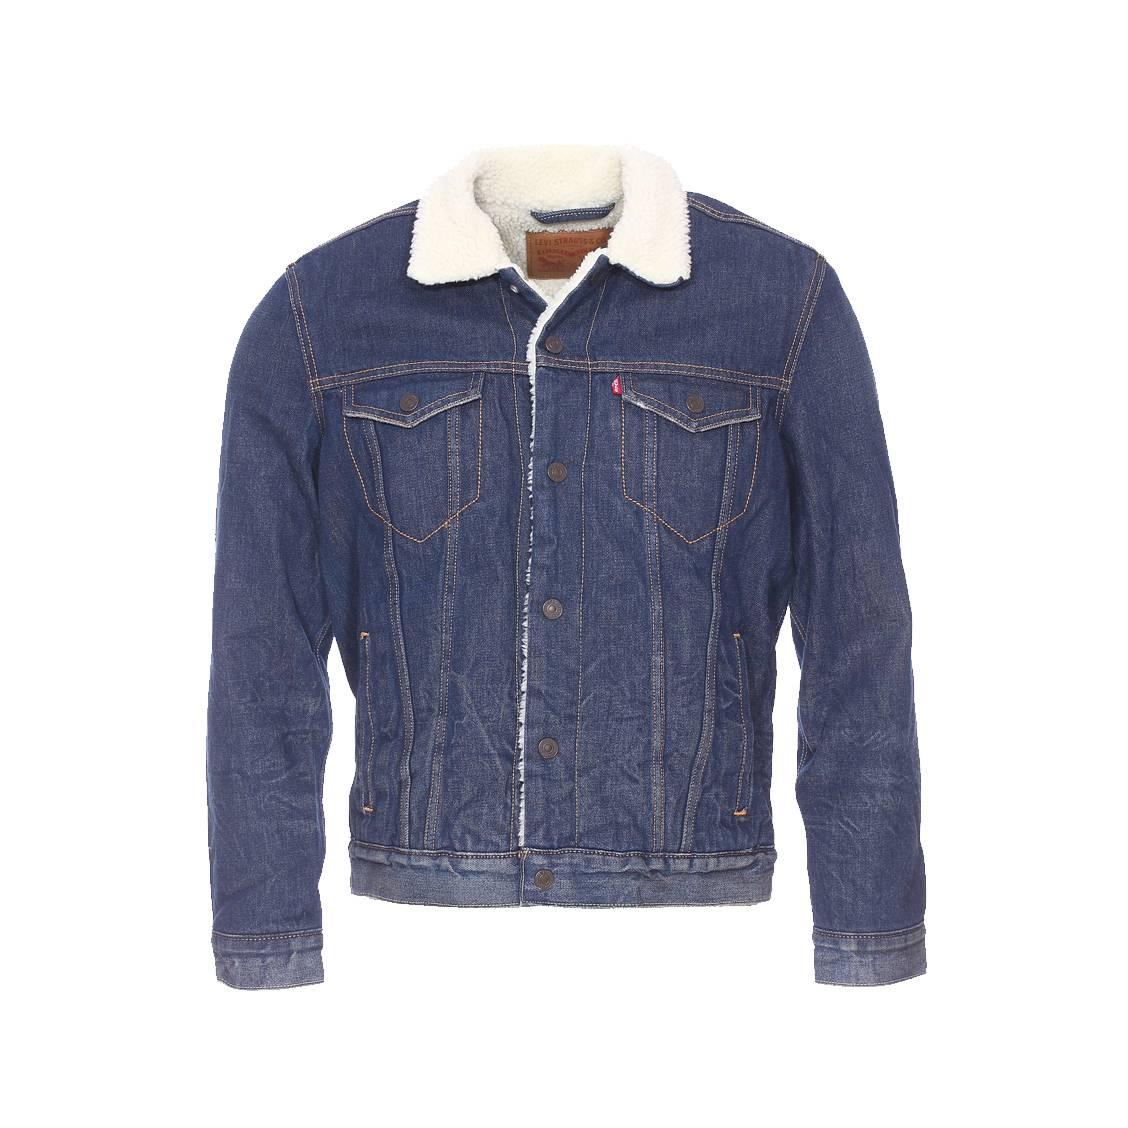 blouson en jean levi 39 s buckman bleu fonc avec doublure effet peau de mouton rue des hommes. Black Bedroom Furniture Sets. Home Design Ideas